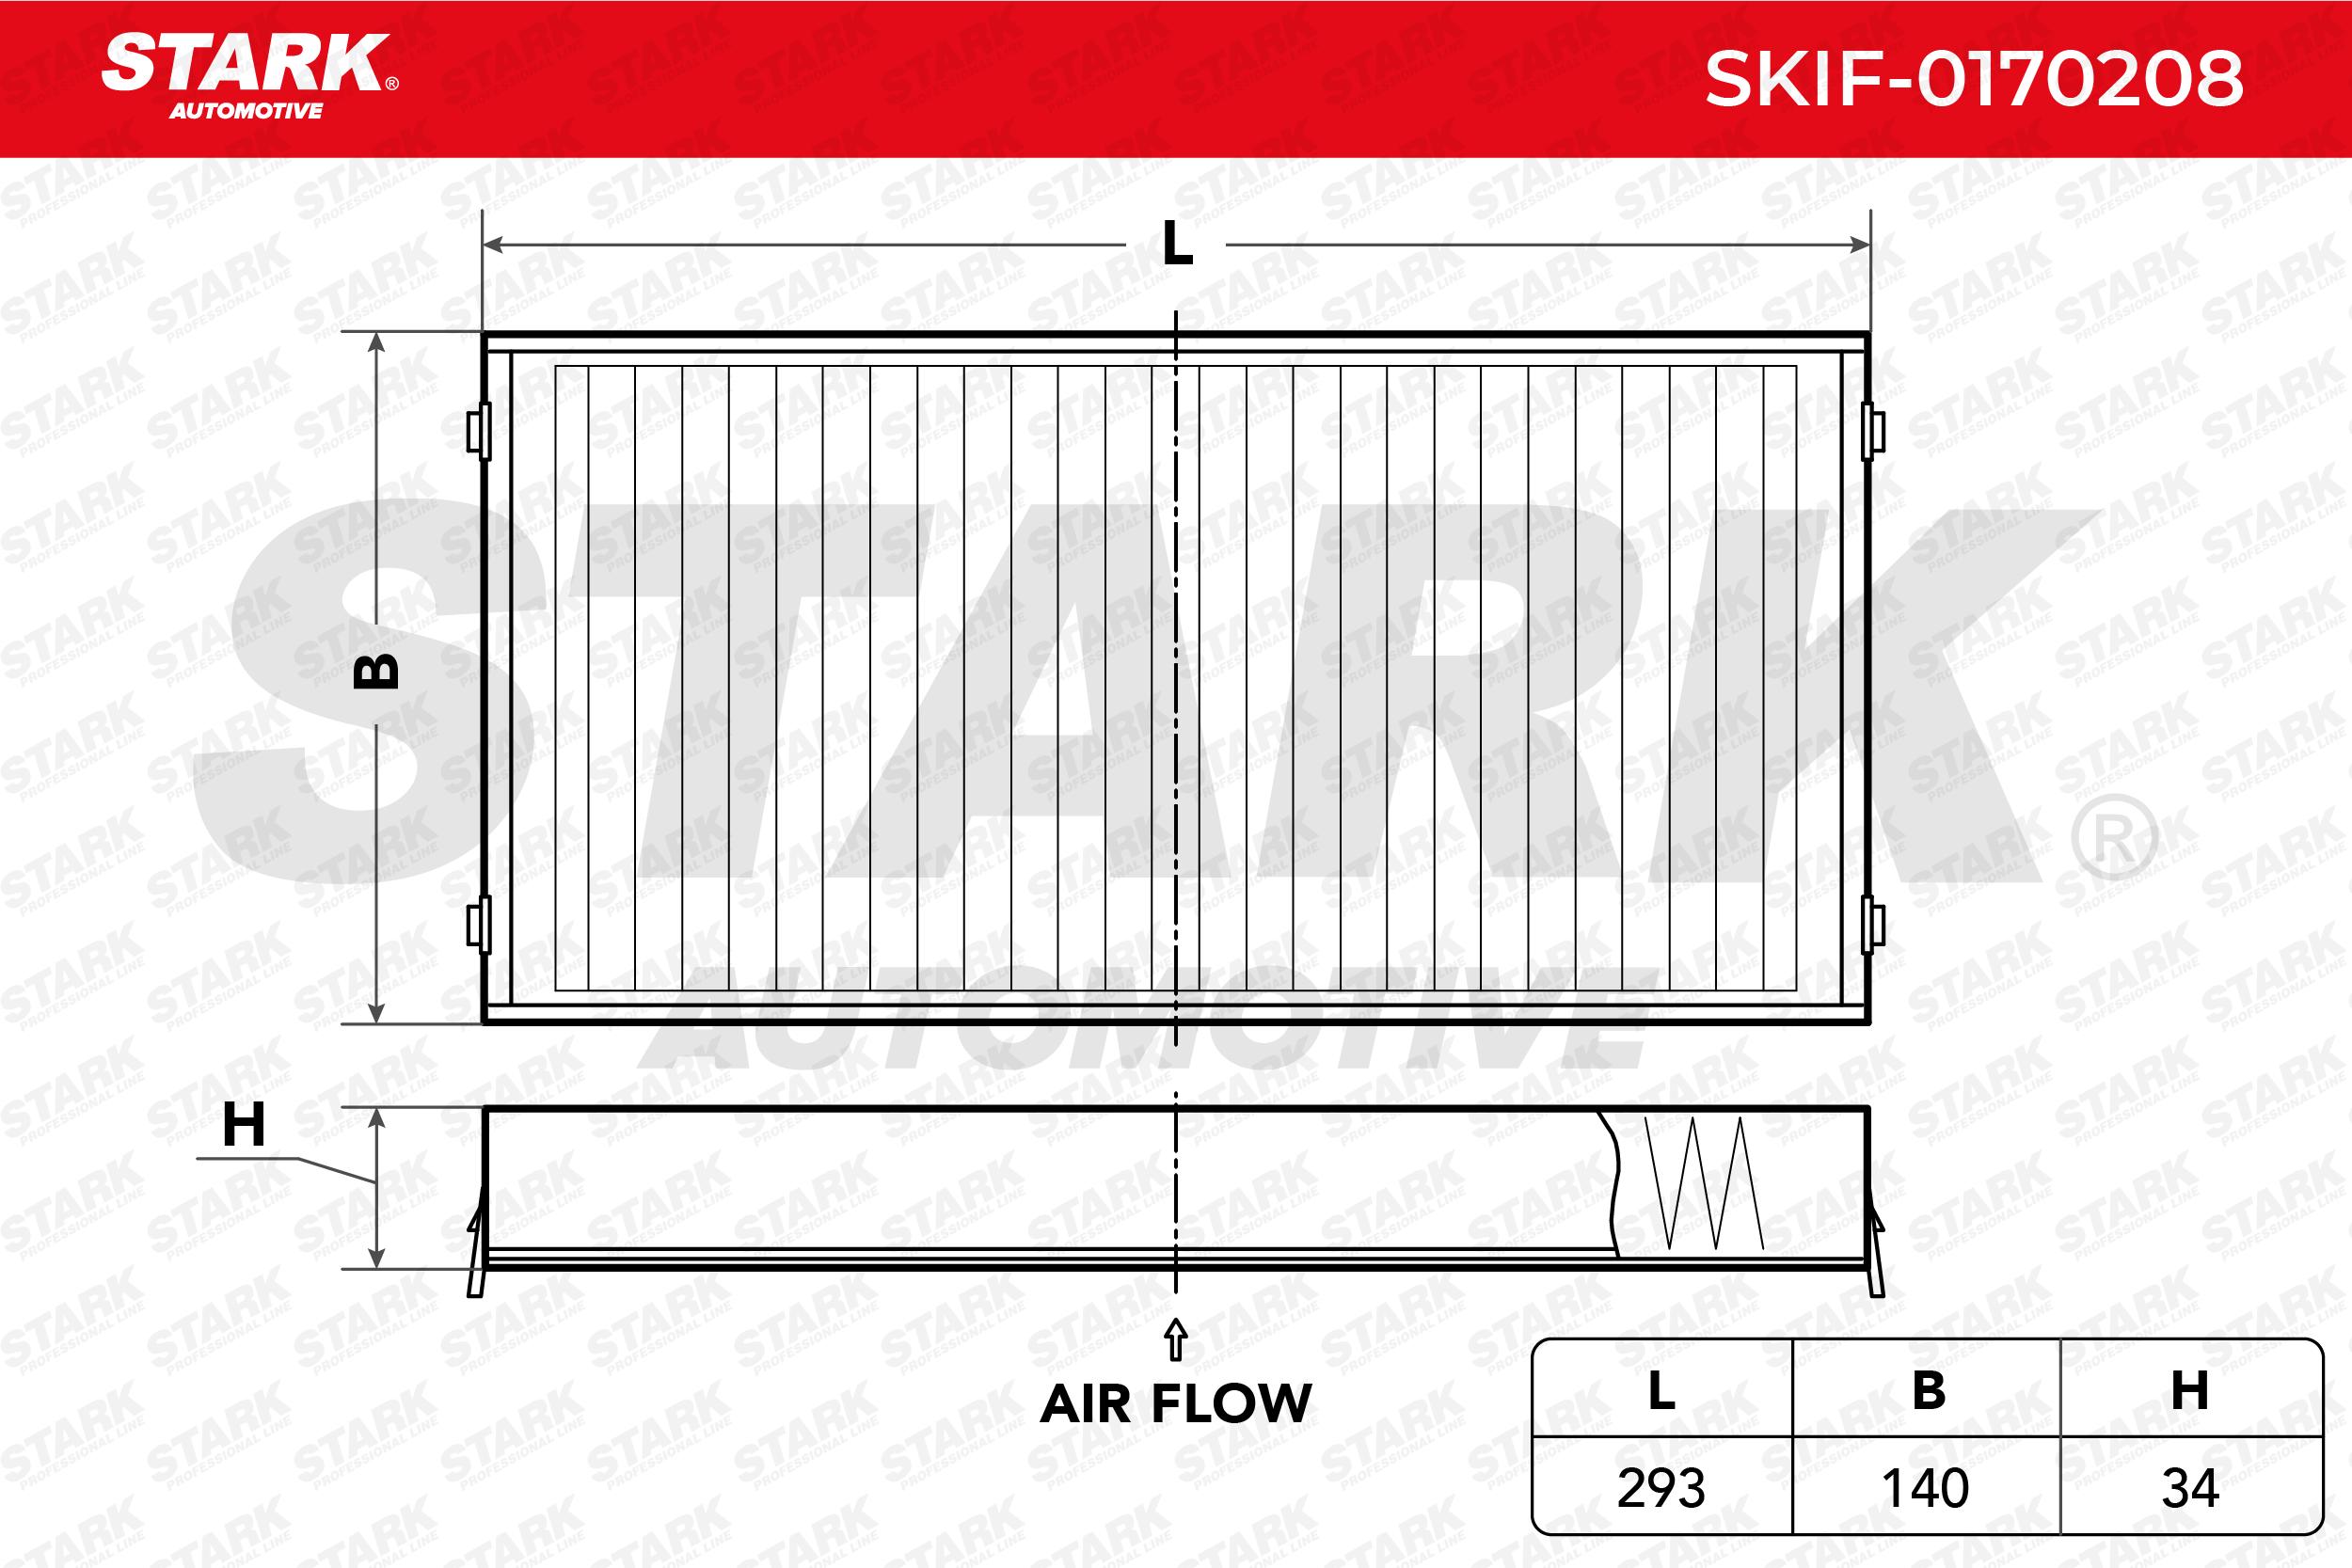 Achetez Climatisation STARK SKIF-0170208 (Largeur: 140mm, Hauteur: 34mm, Longueur: 293mm) à un rapport qualité-prix exceptionnel